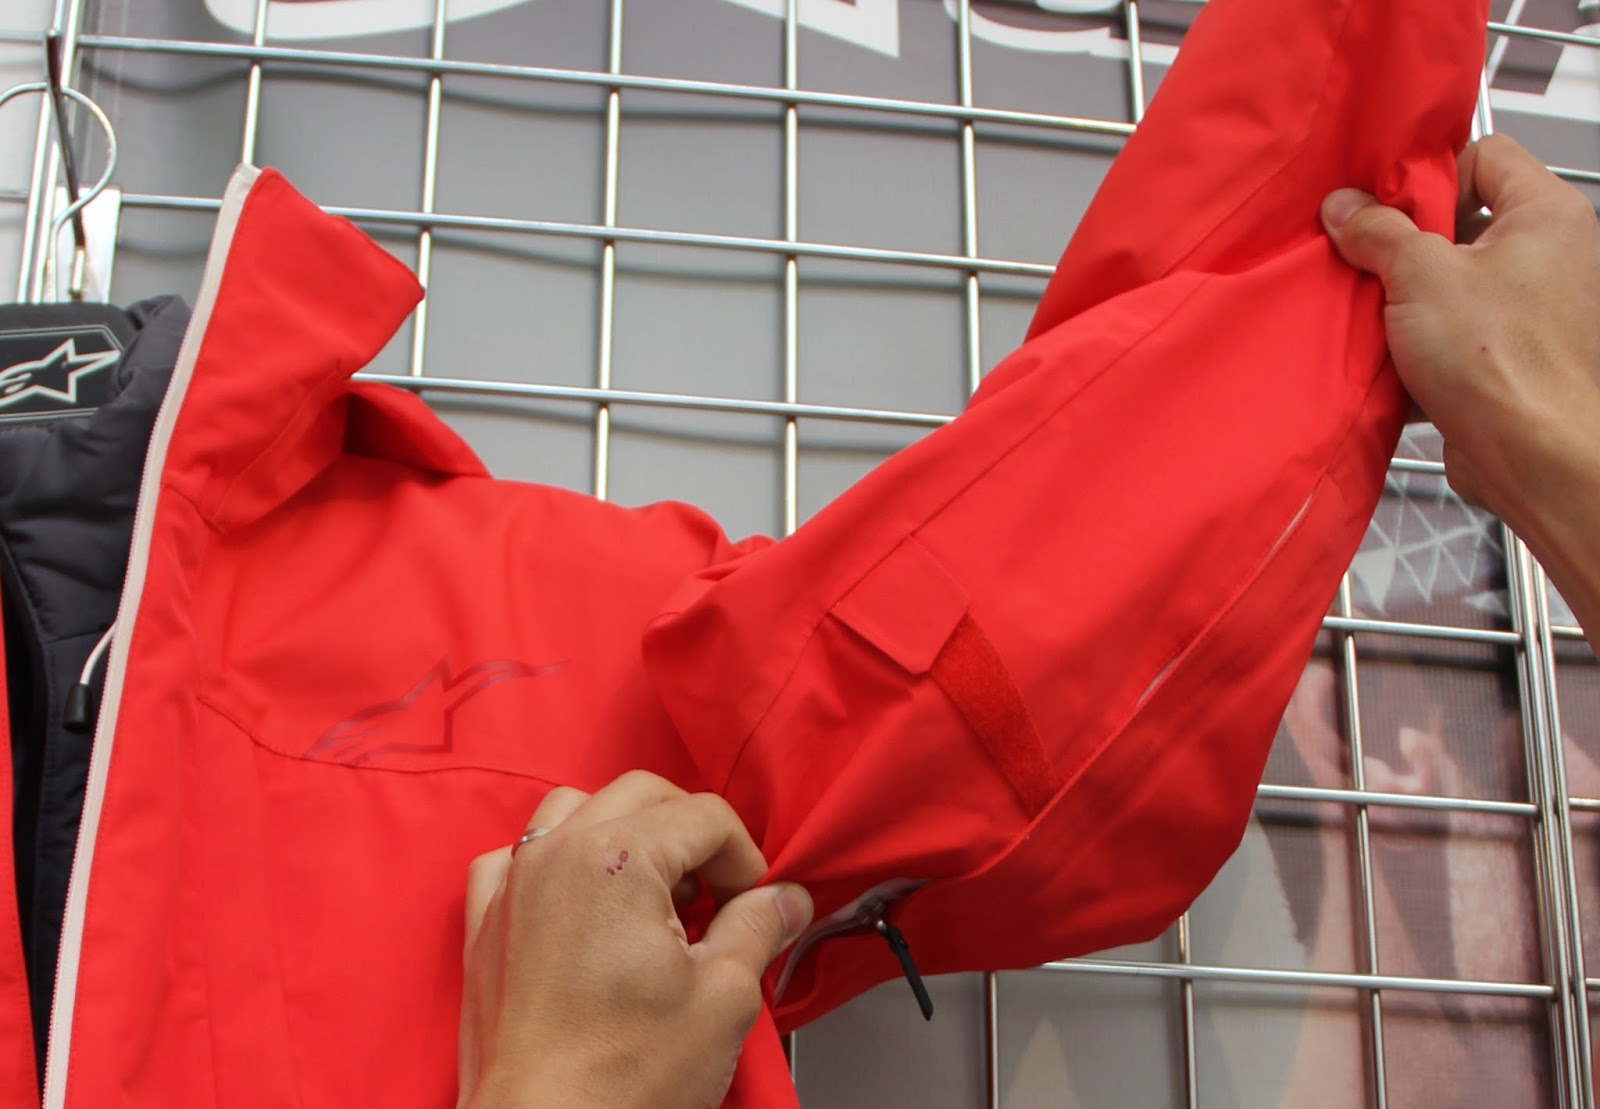 Pit Venting Pit Zips Underarm Vents)-btw